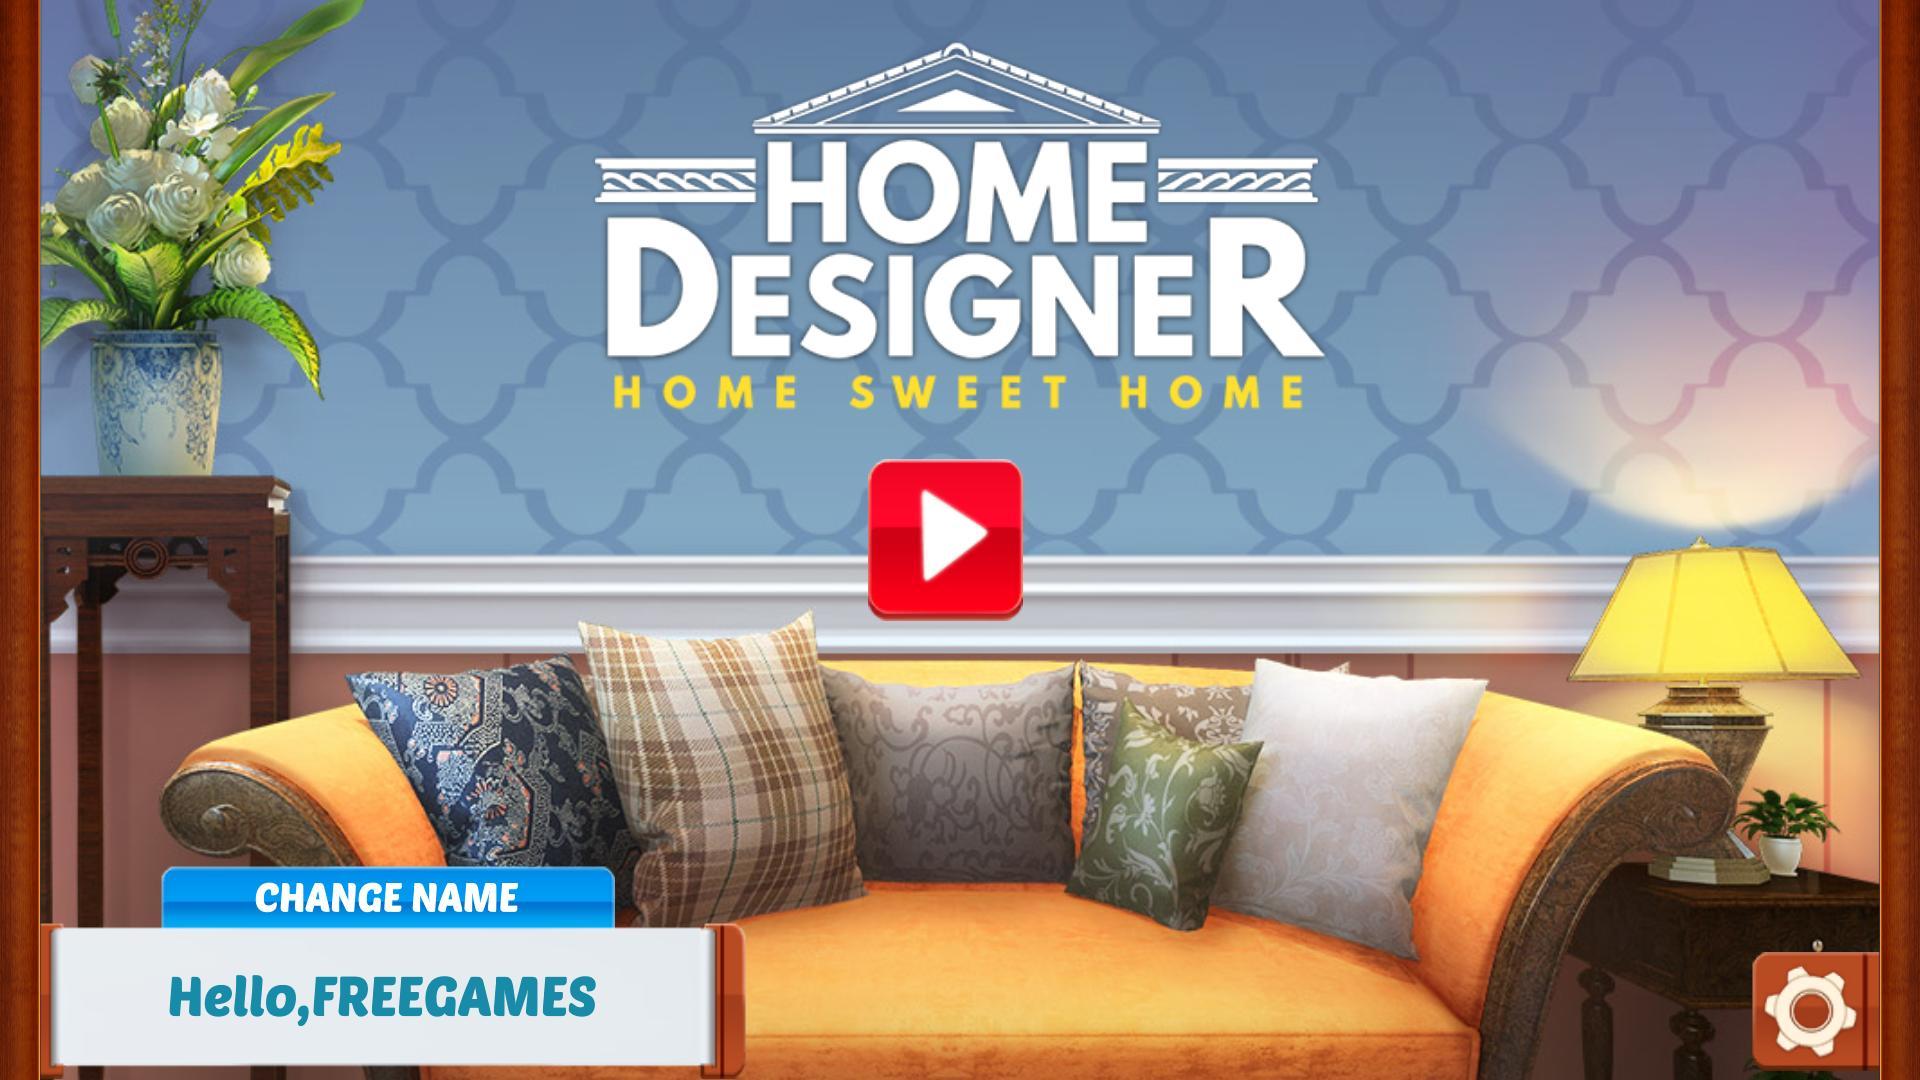 Домашний дизайнер 2: Дом, милый дом | Home Designer 2: Home Sweet Home (En)